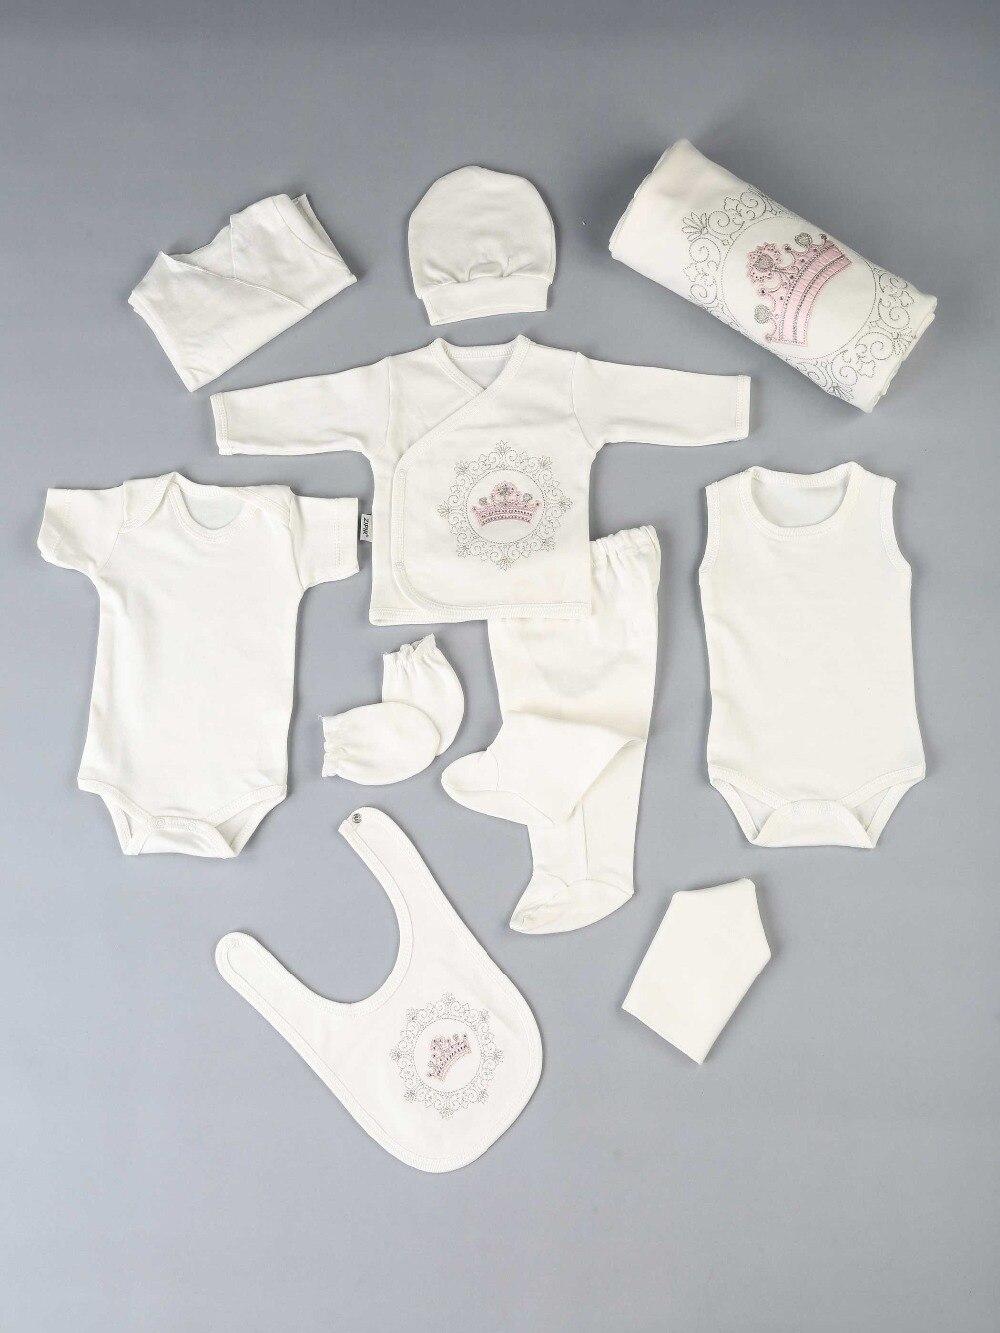 082-522-021 Pembe Kraliçe Taçlı Yenidoğan Kız Bebek 10 lu Hastane Çıkışı (1)